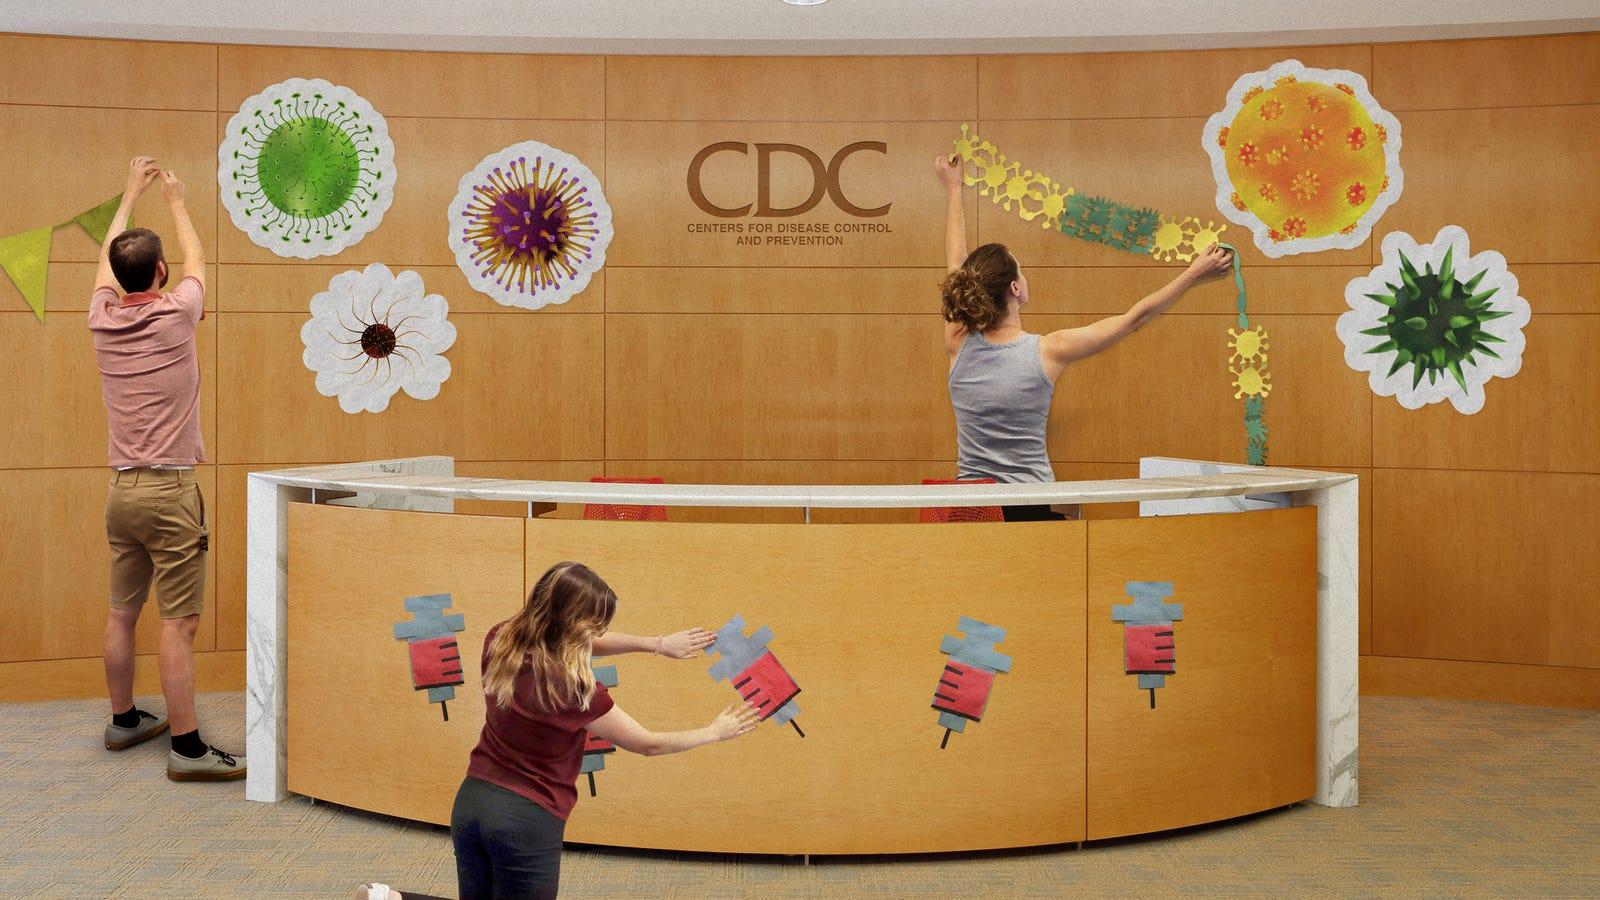 Bersemangat CDC Karyawan Mulai Dekorasi Untuk Musim Flu